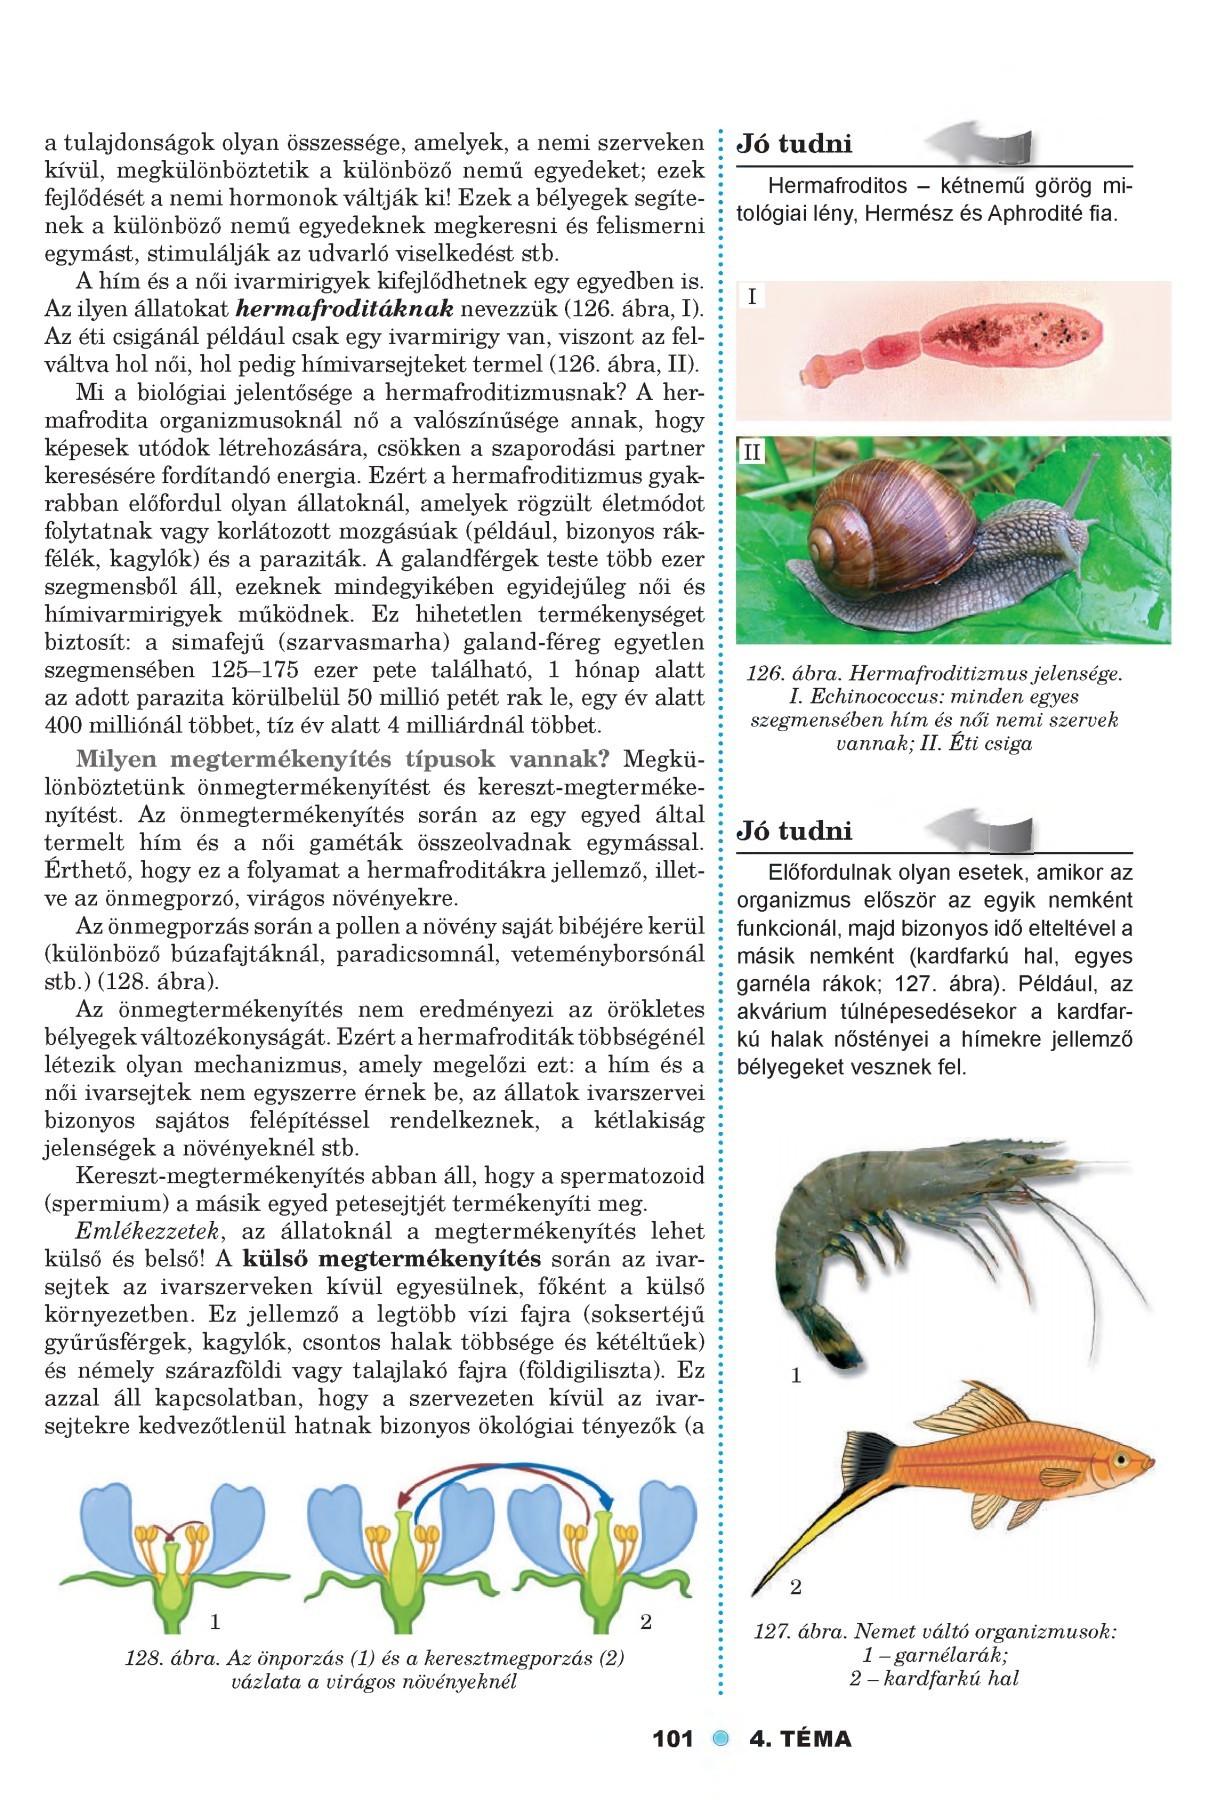 a paraziták nem heterotrófok